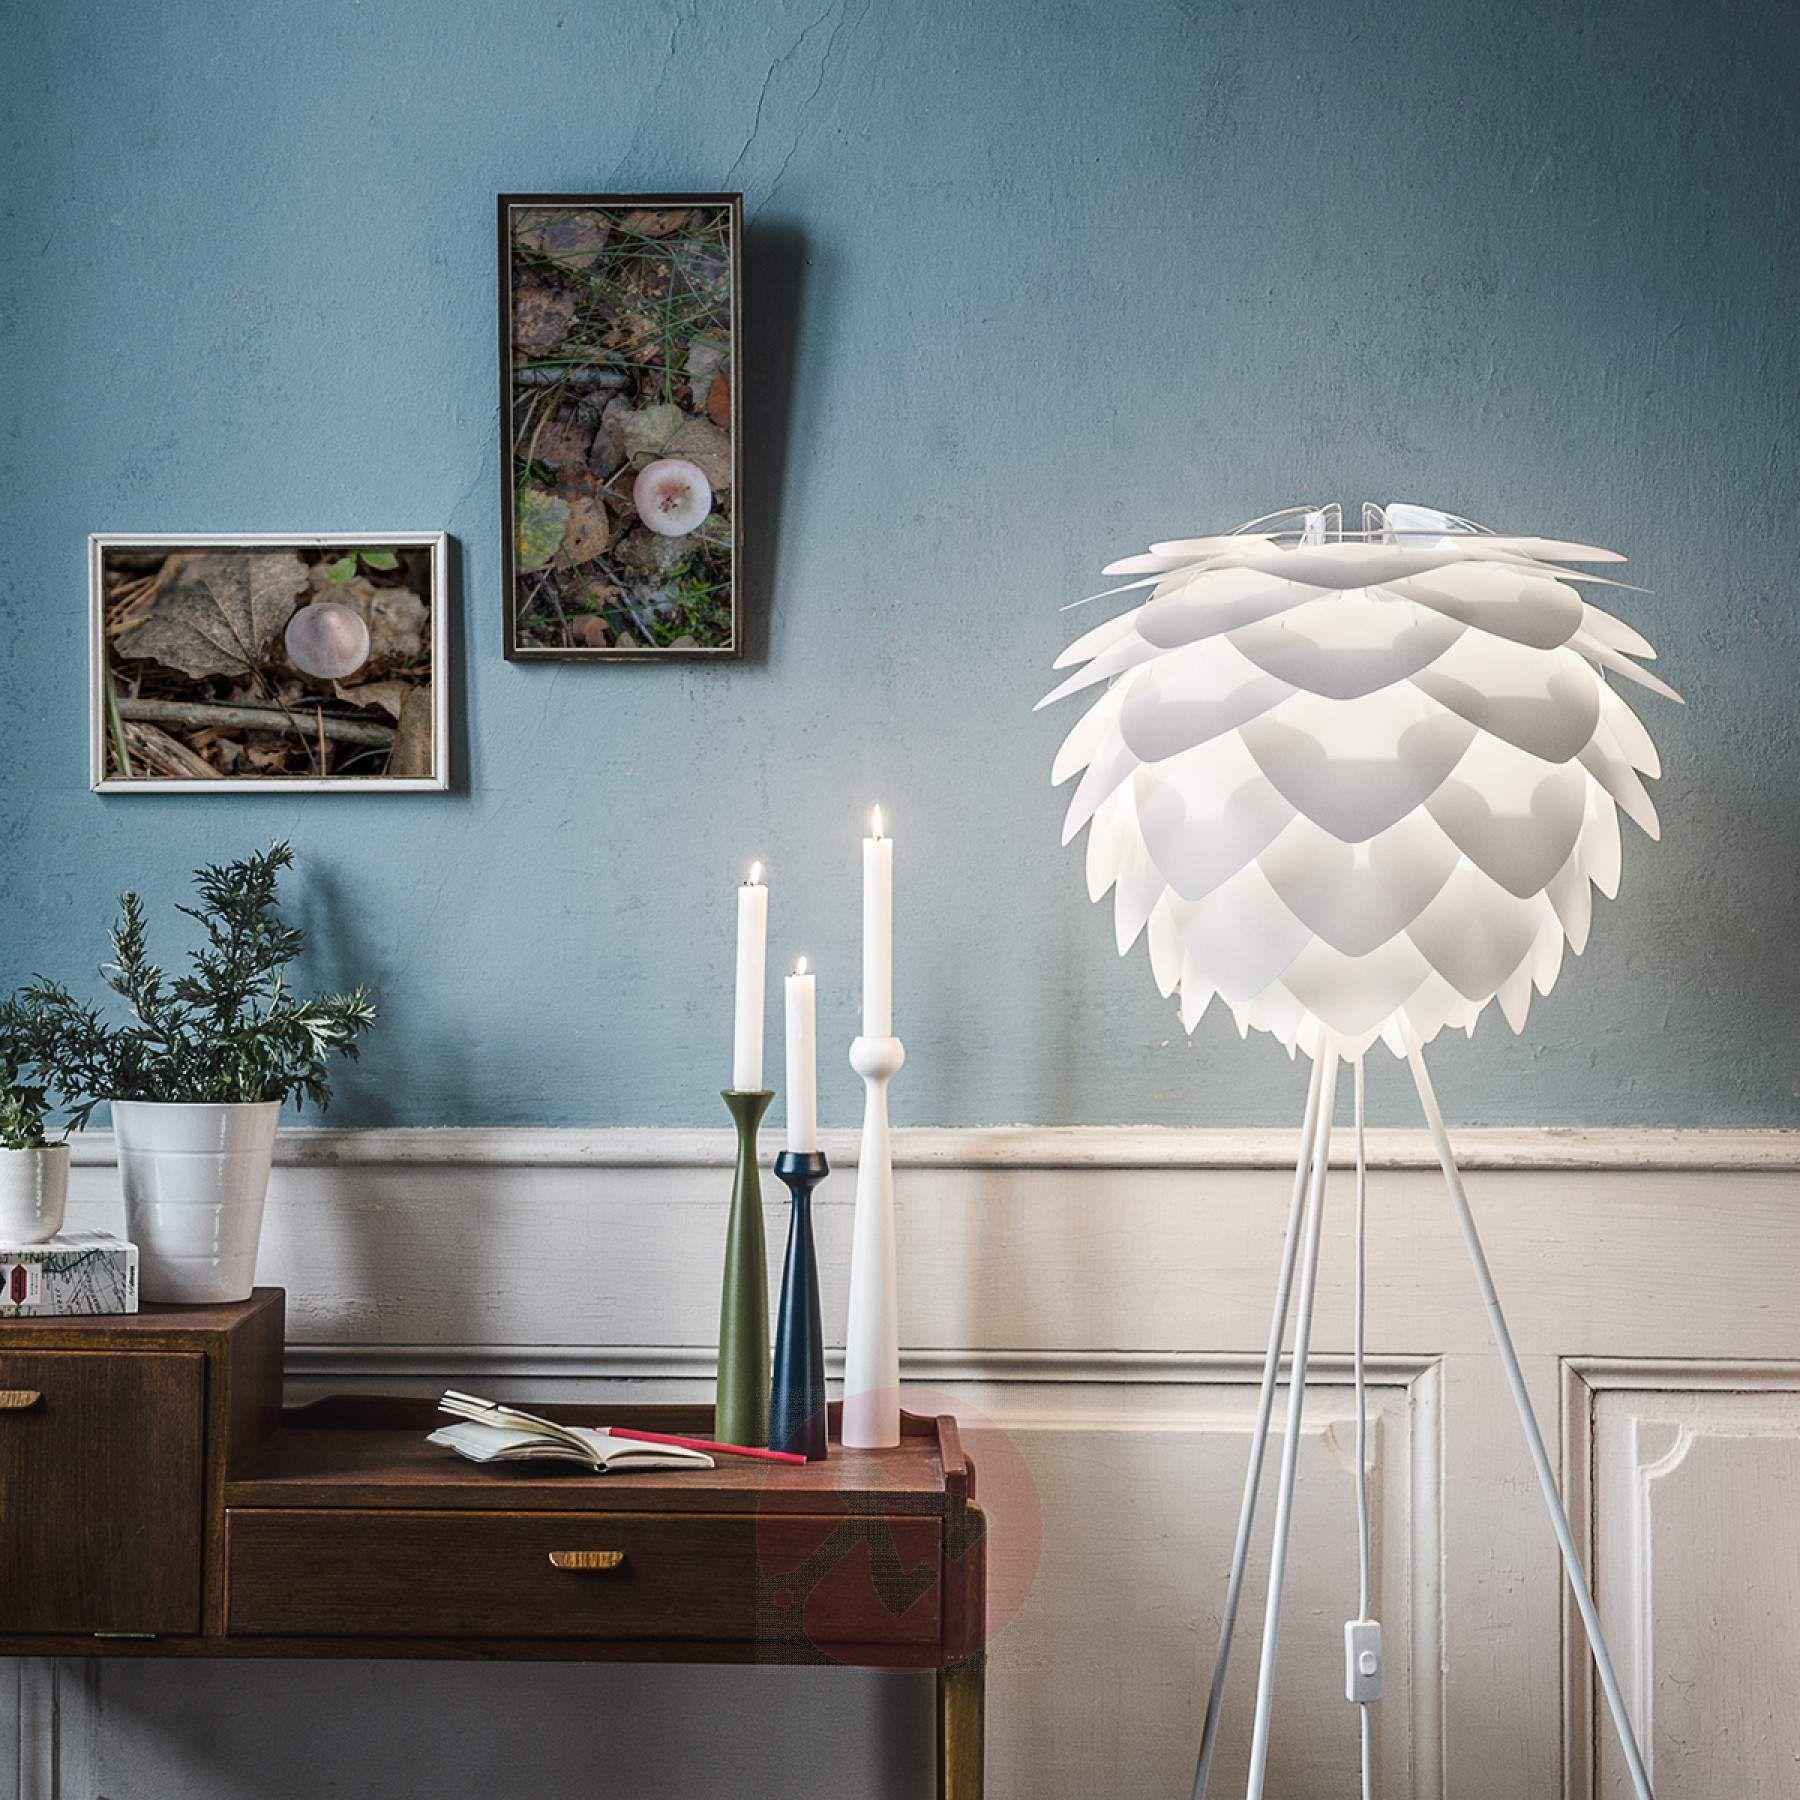 Trójnożna lampa stojąca Silvia medium, biała | Lampy.pl